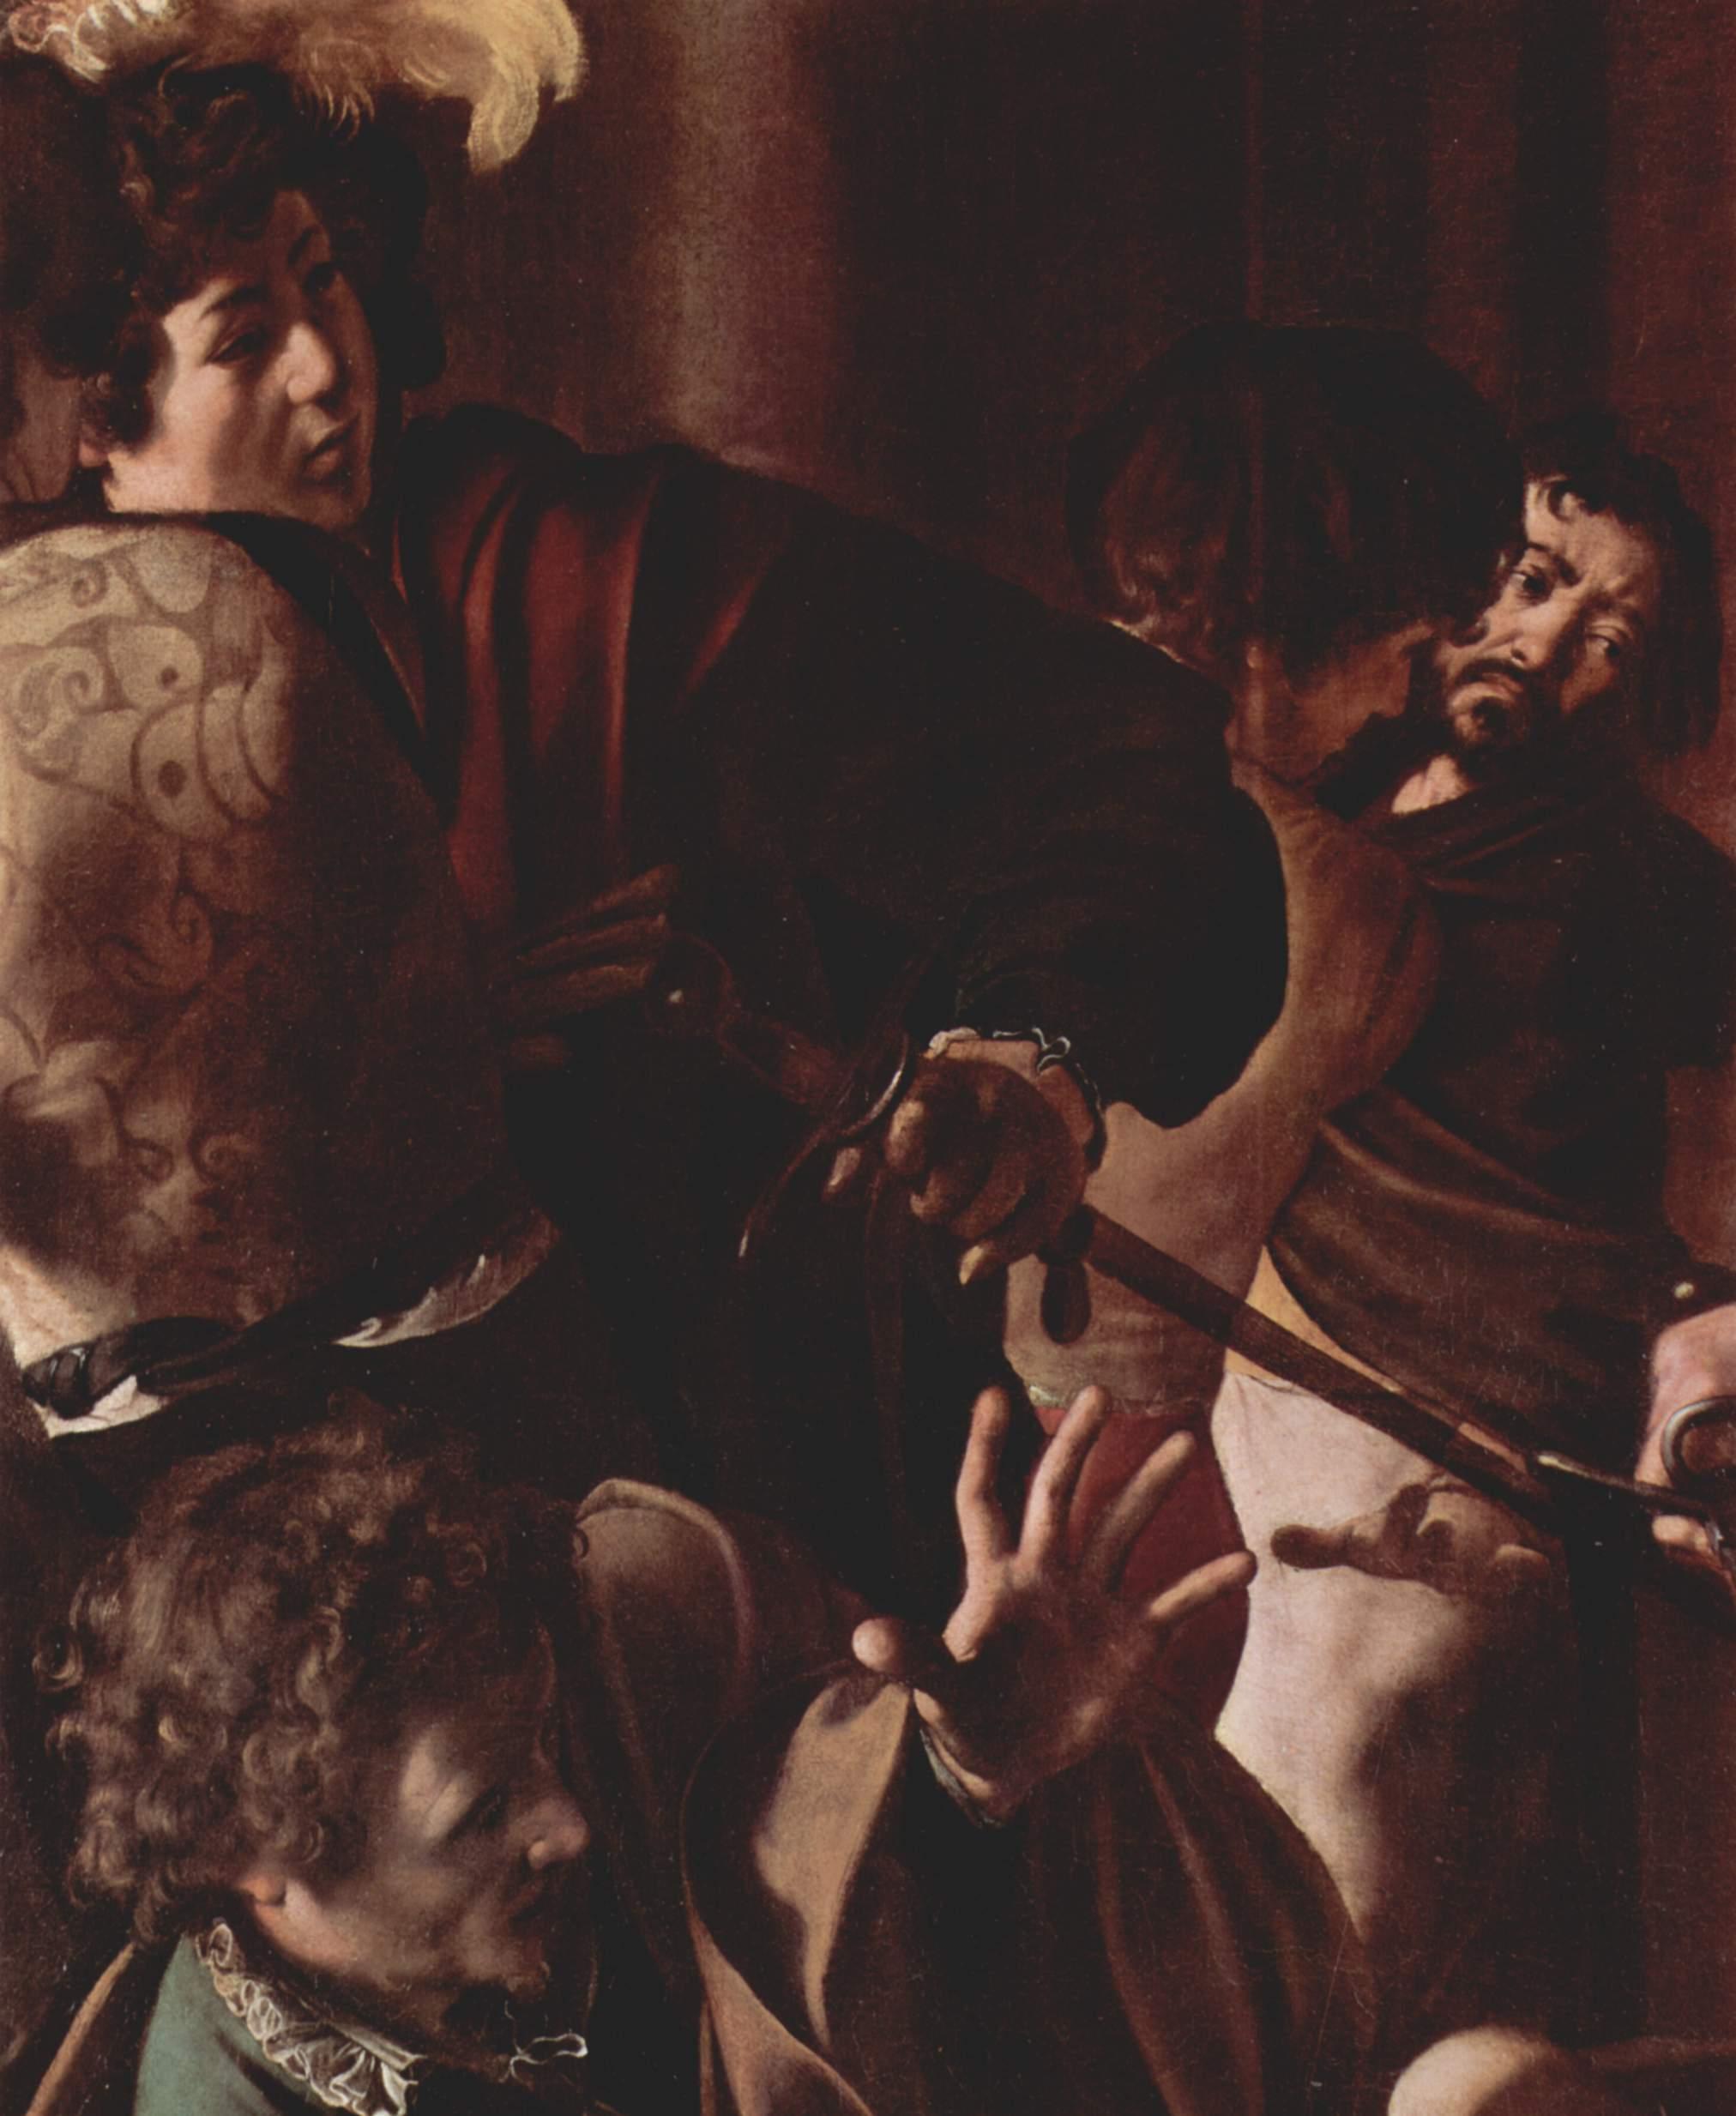 Картины из Капеллы Котарелли в Сан Луиджи ди Франчези в Риме, мученичество св. Матфея. Деталь  зрите, Микеланджело Меризи де Караваджо